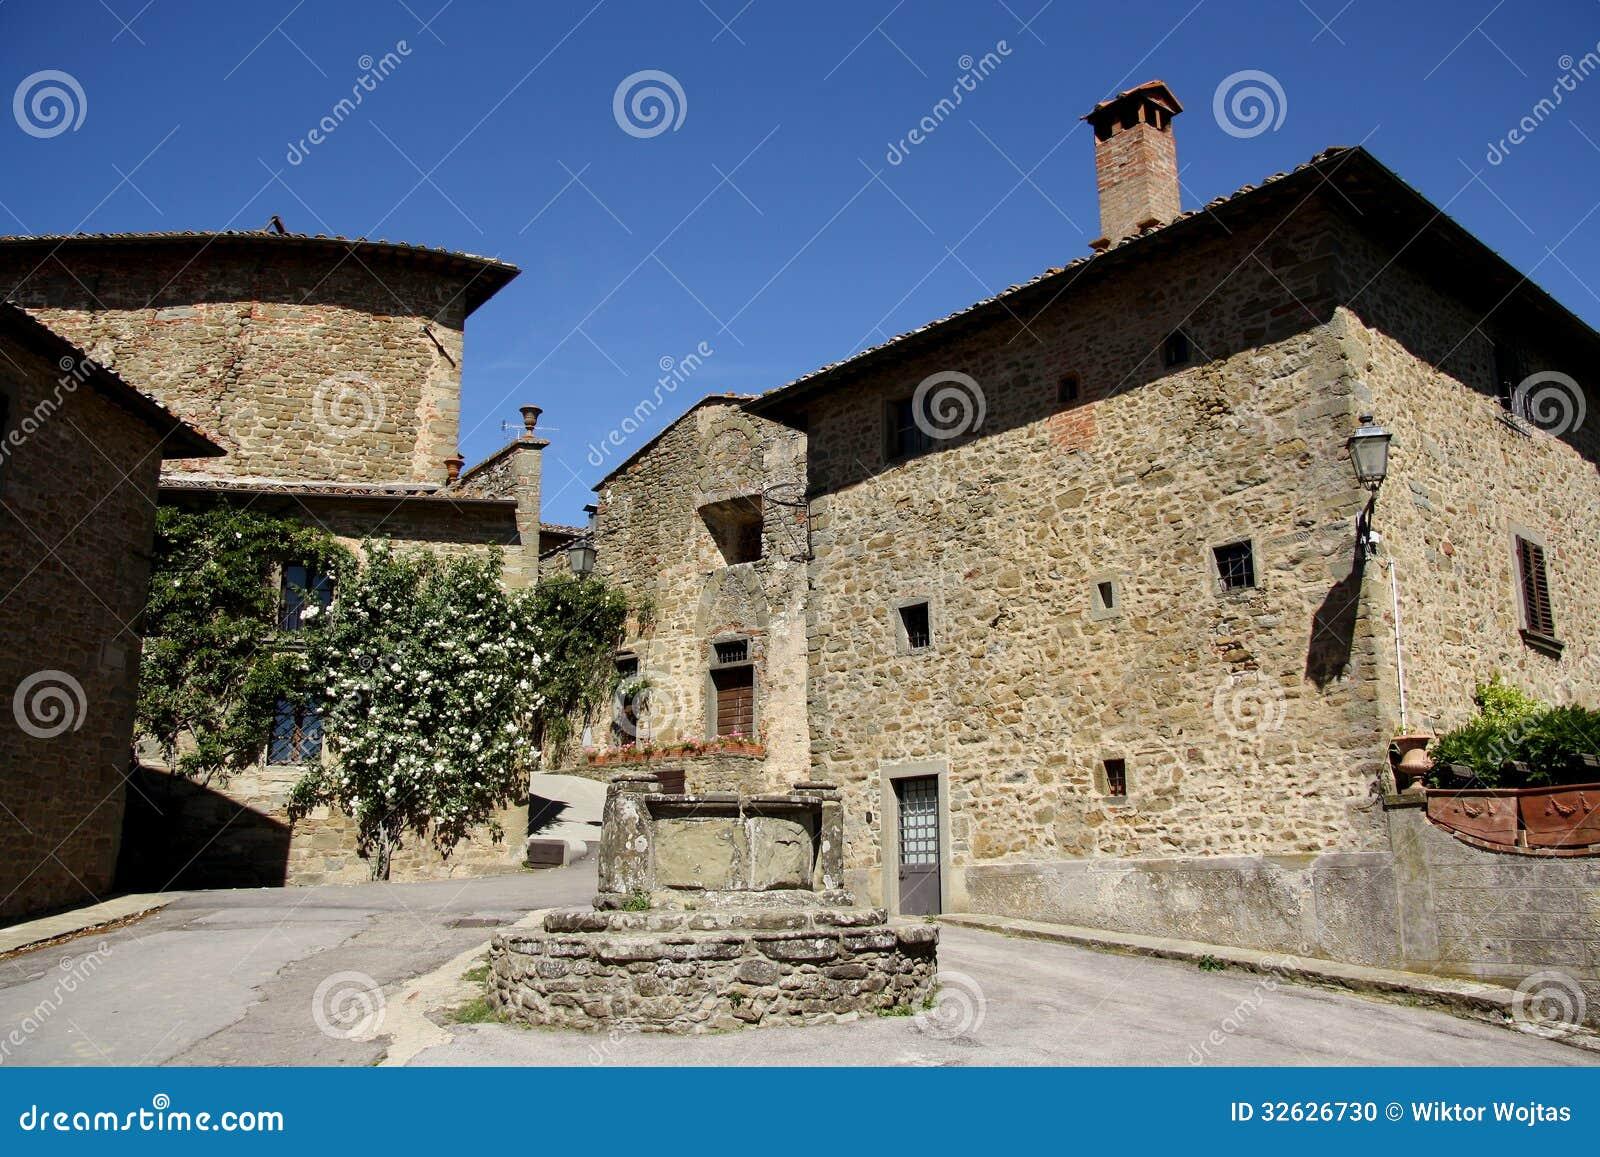 Vieille ville dans Volpaia (Toscane, Italie)